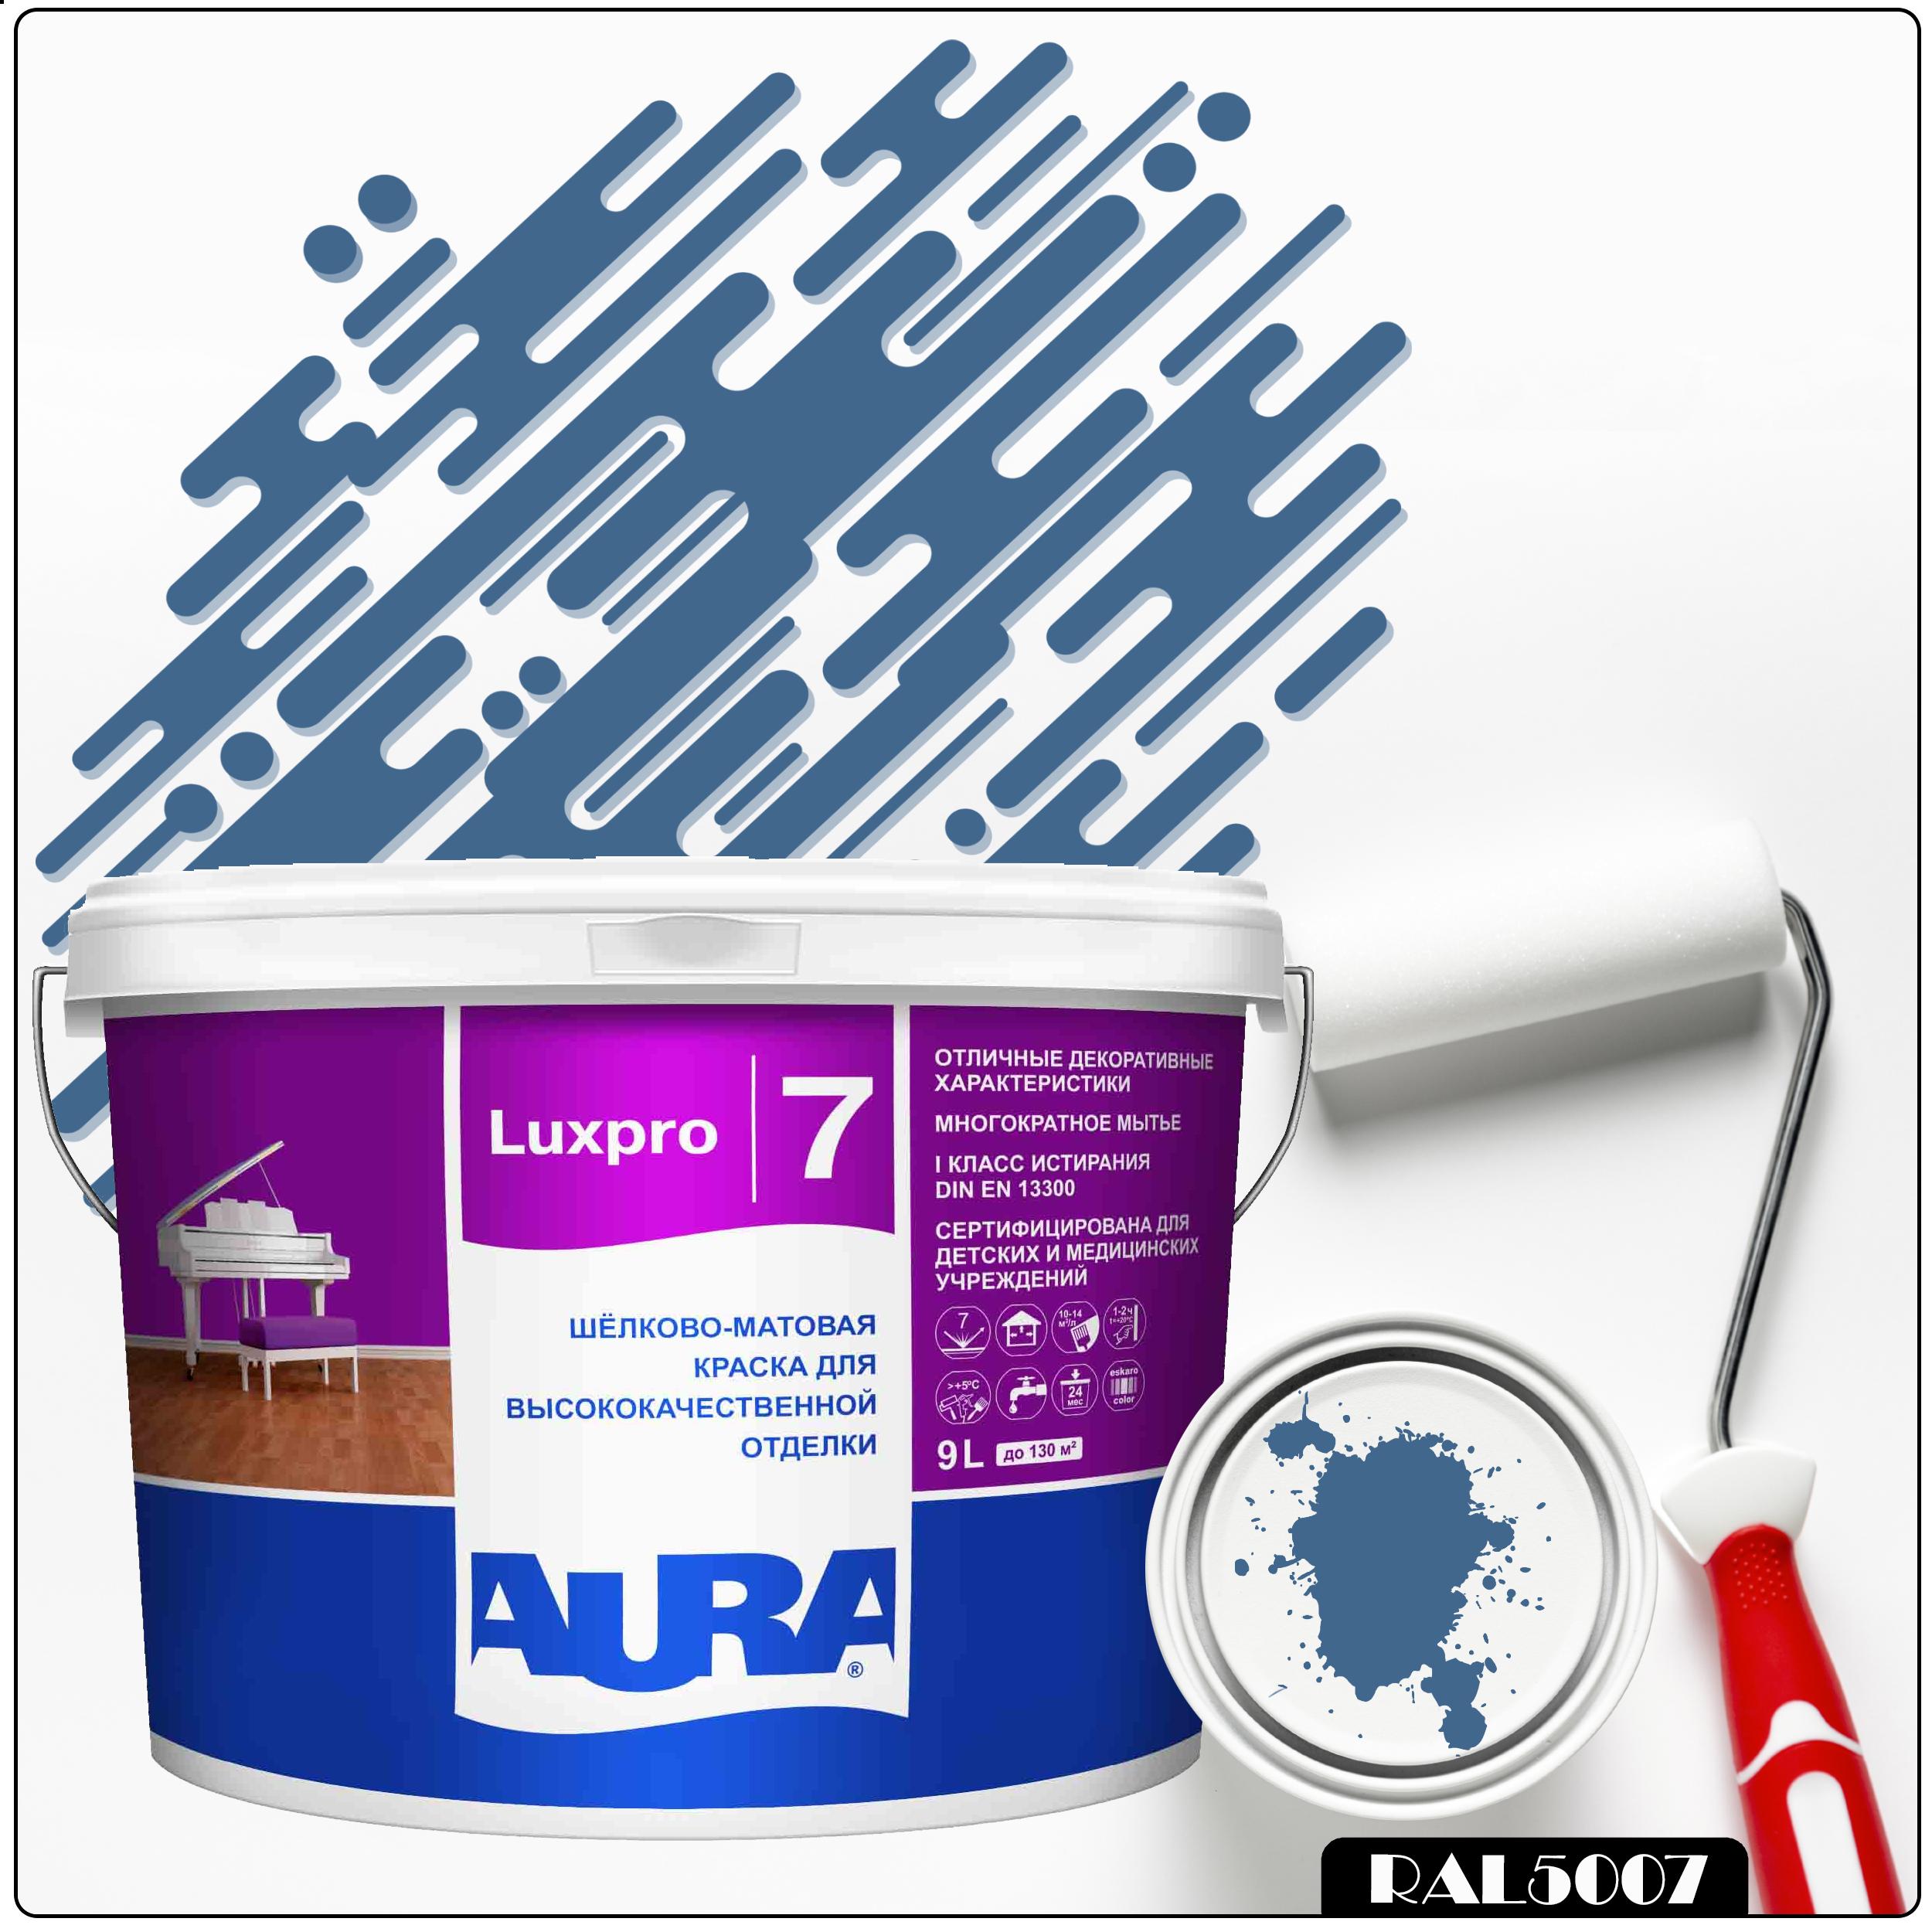 Фото 7 - Краска Aura LuxPRO 7, RAL 5007 Бриллиантово-синий, латексная, шелково-матовая, интерьерная, 9л, Аура.